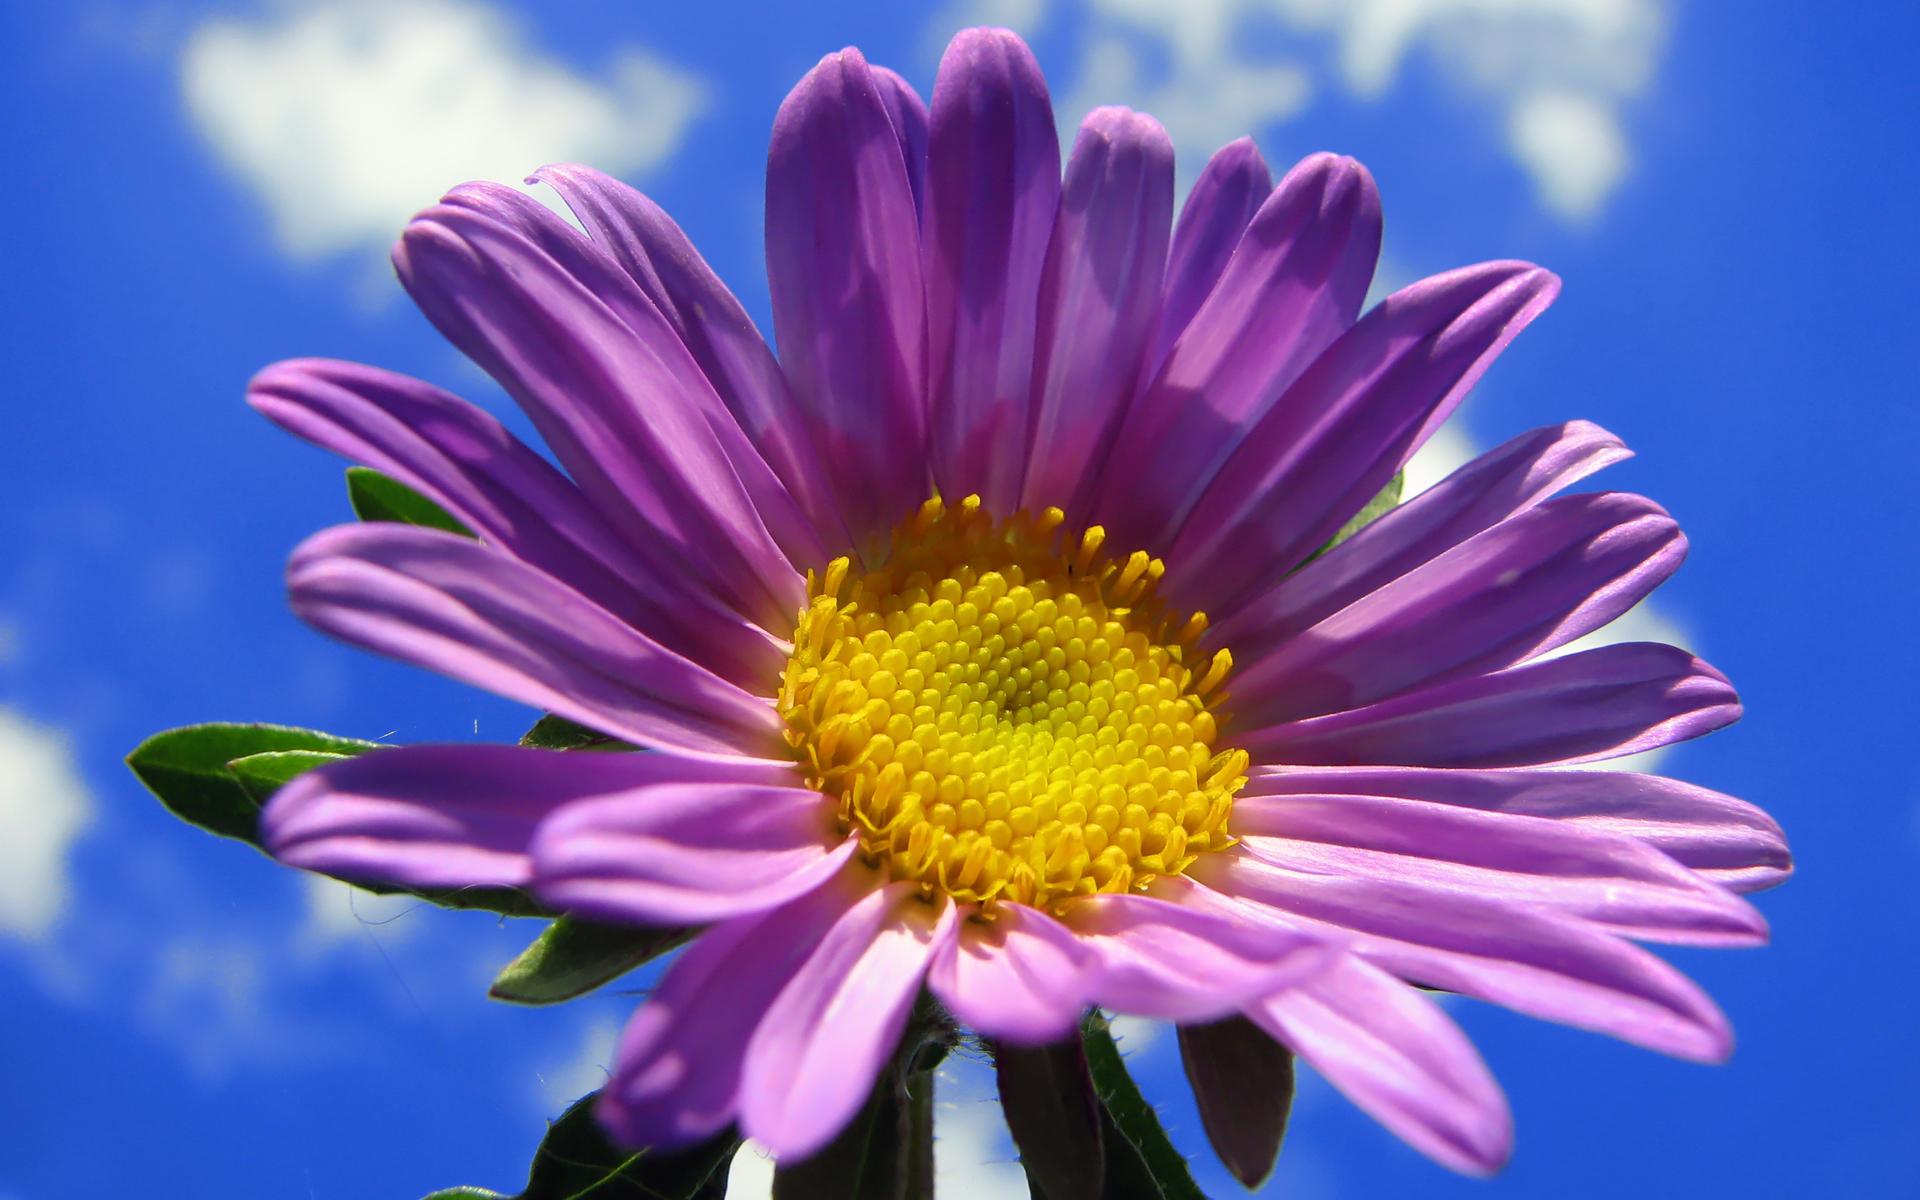 Wallpaper Flower Hd Desktop Wallpapers 4k Hd